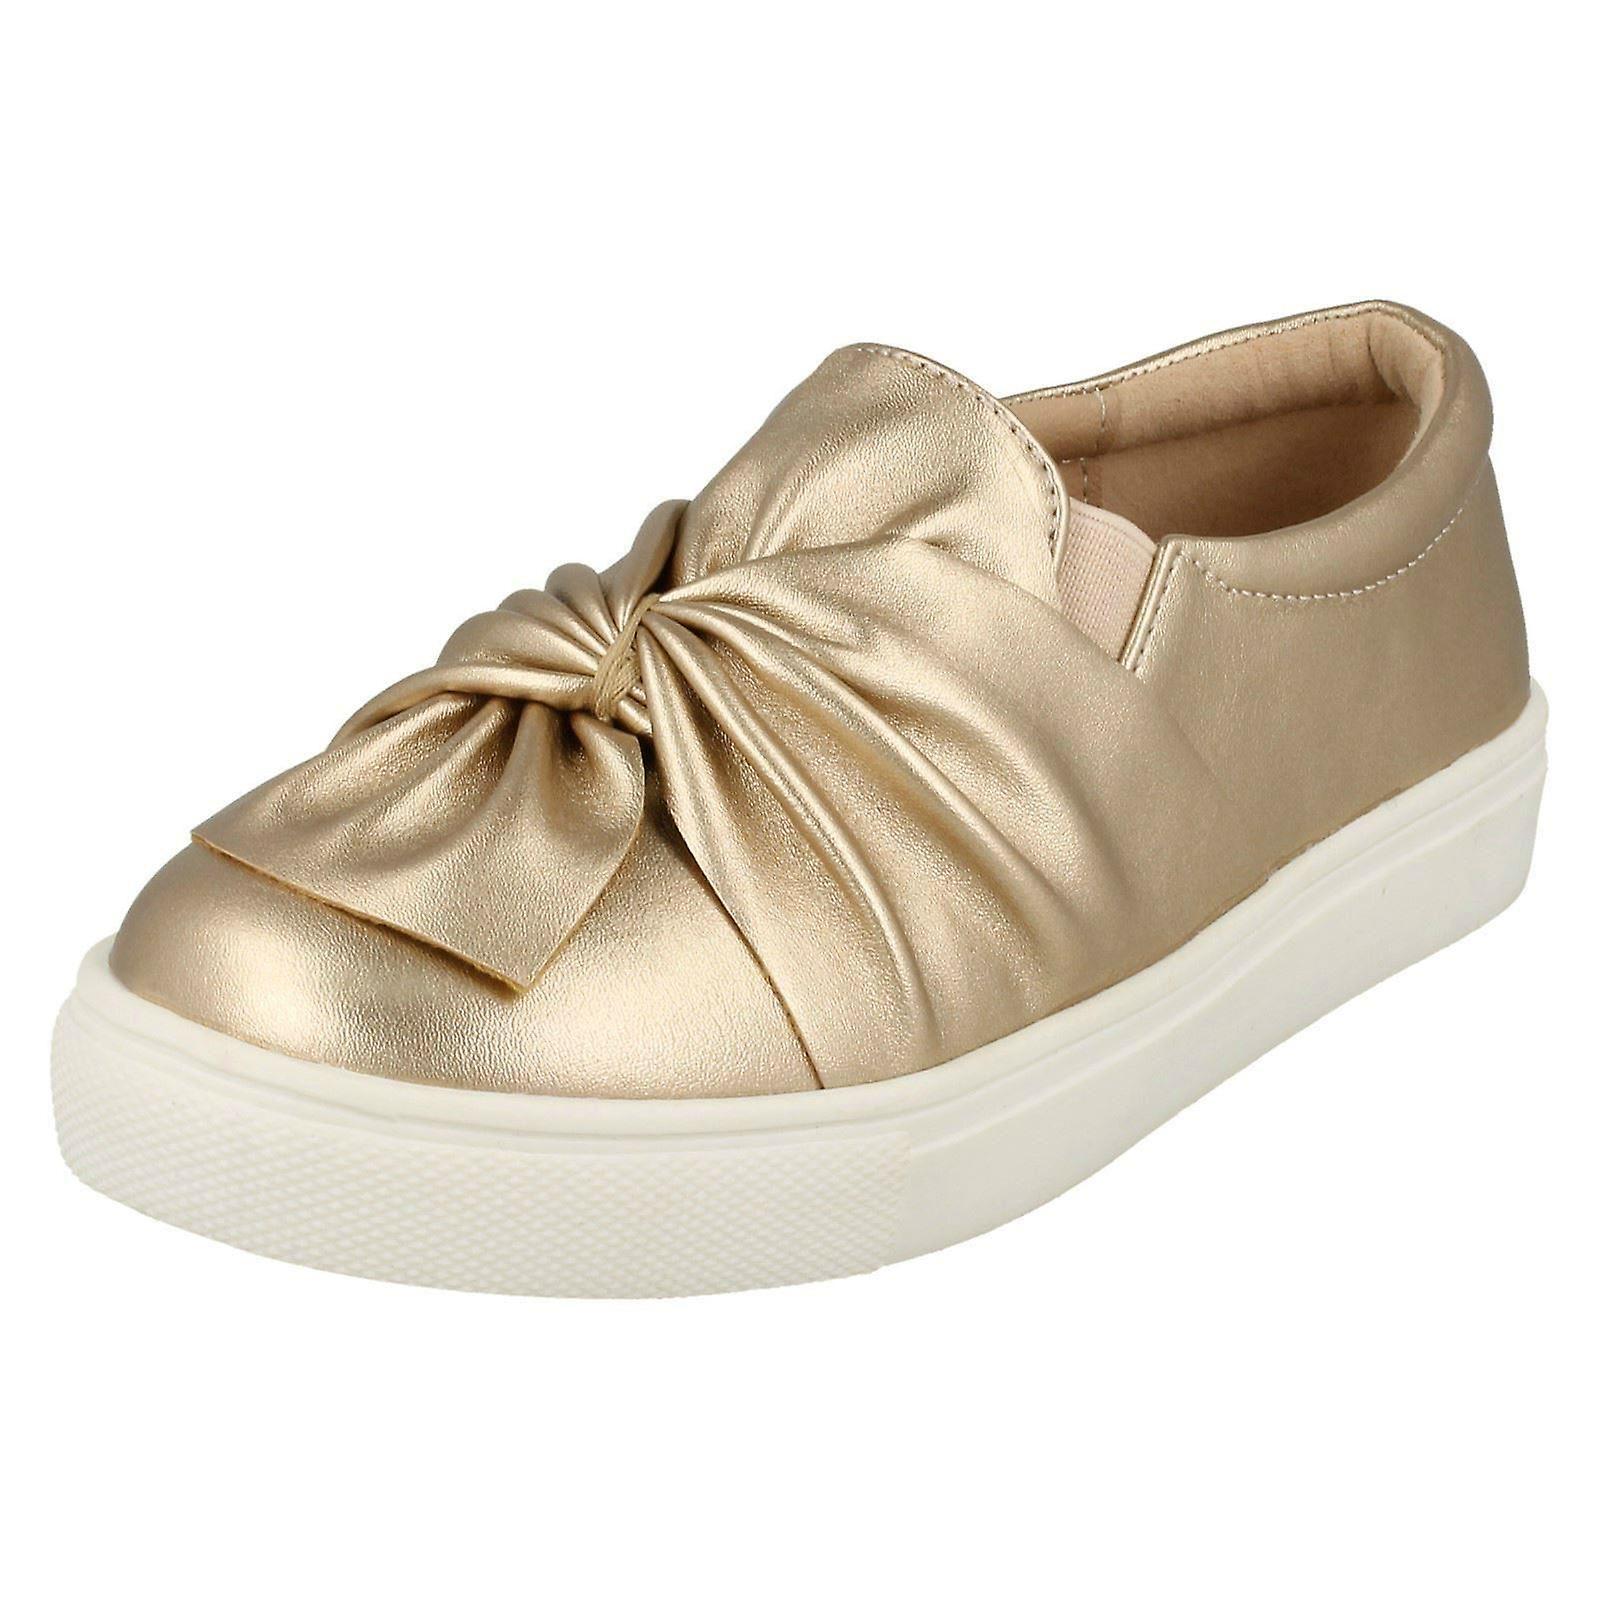 Mädchen-Spot auf Twist Vamp flache Schuhe H2455